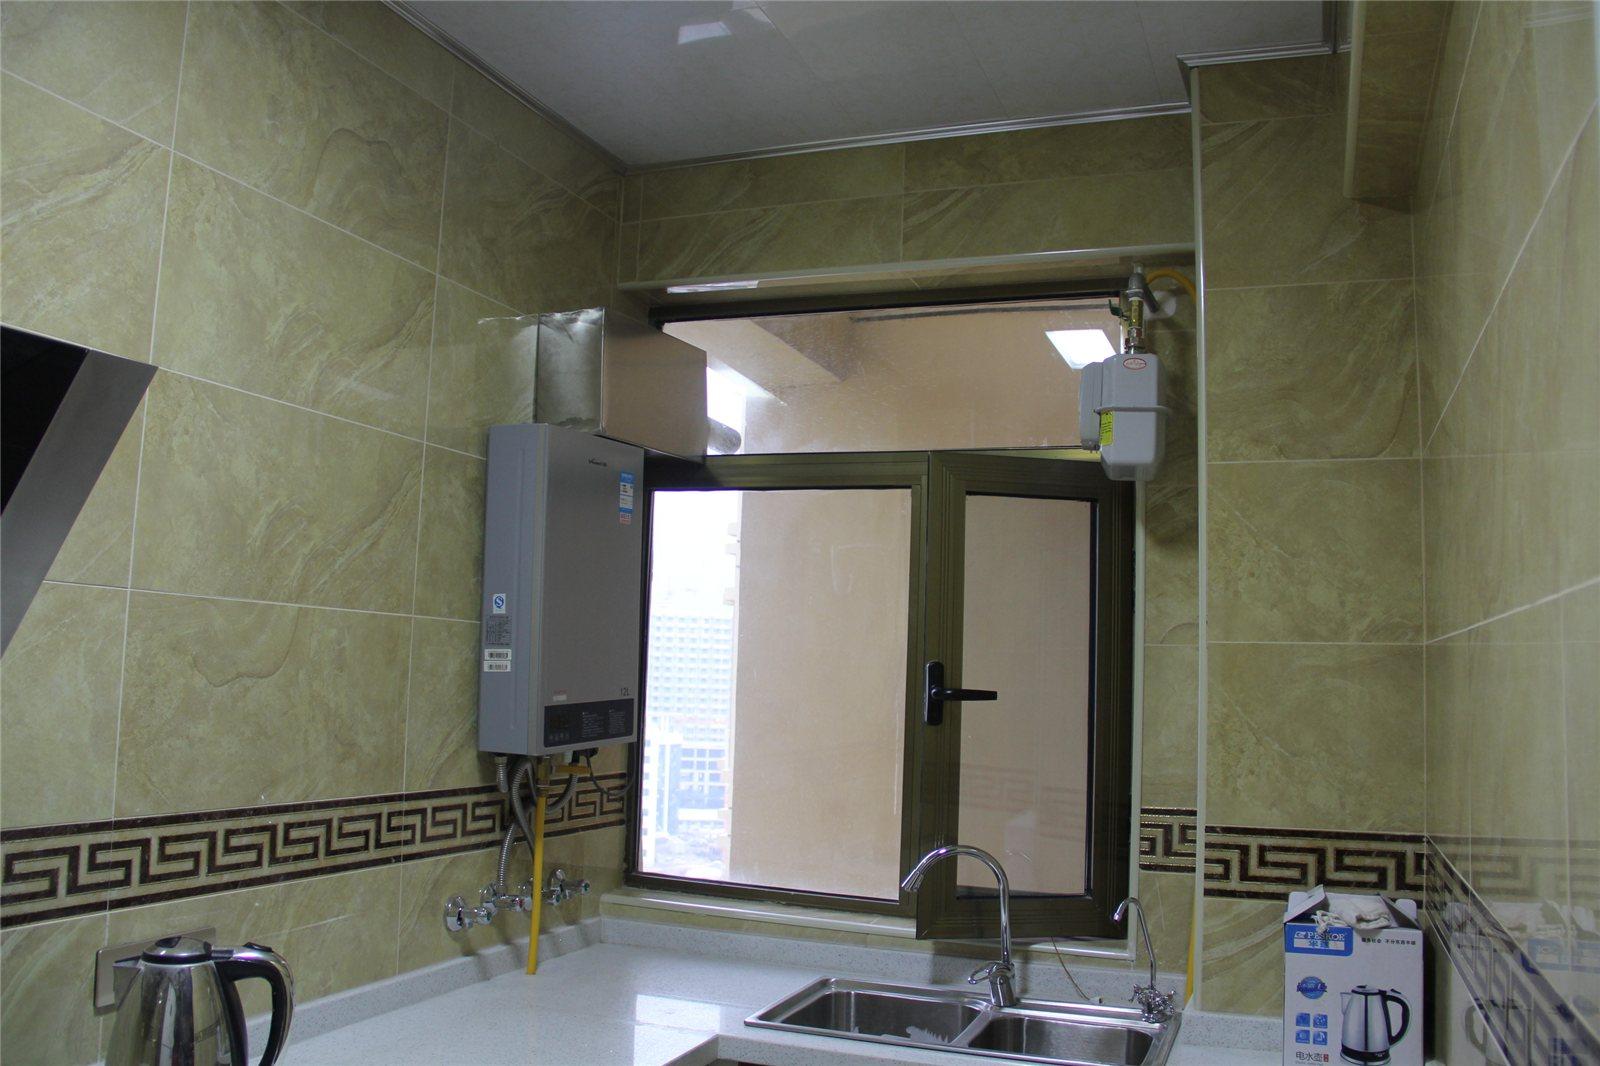 马可波罗瓷砖案例——卫生间 客厅面积:18平方米 地面,墙面铺贴瓷砖